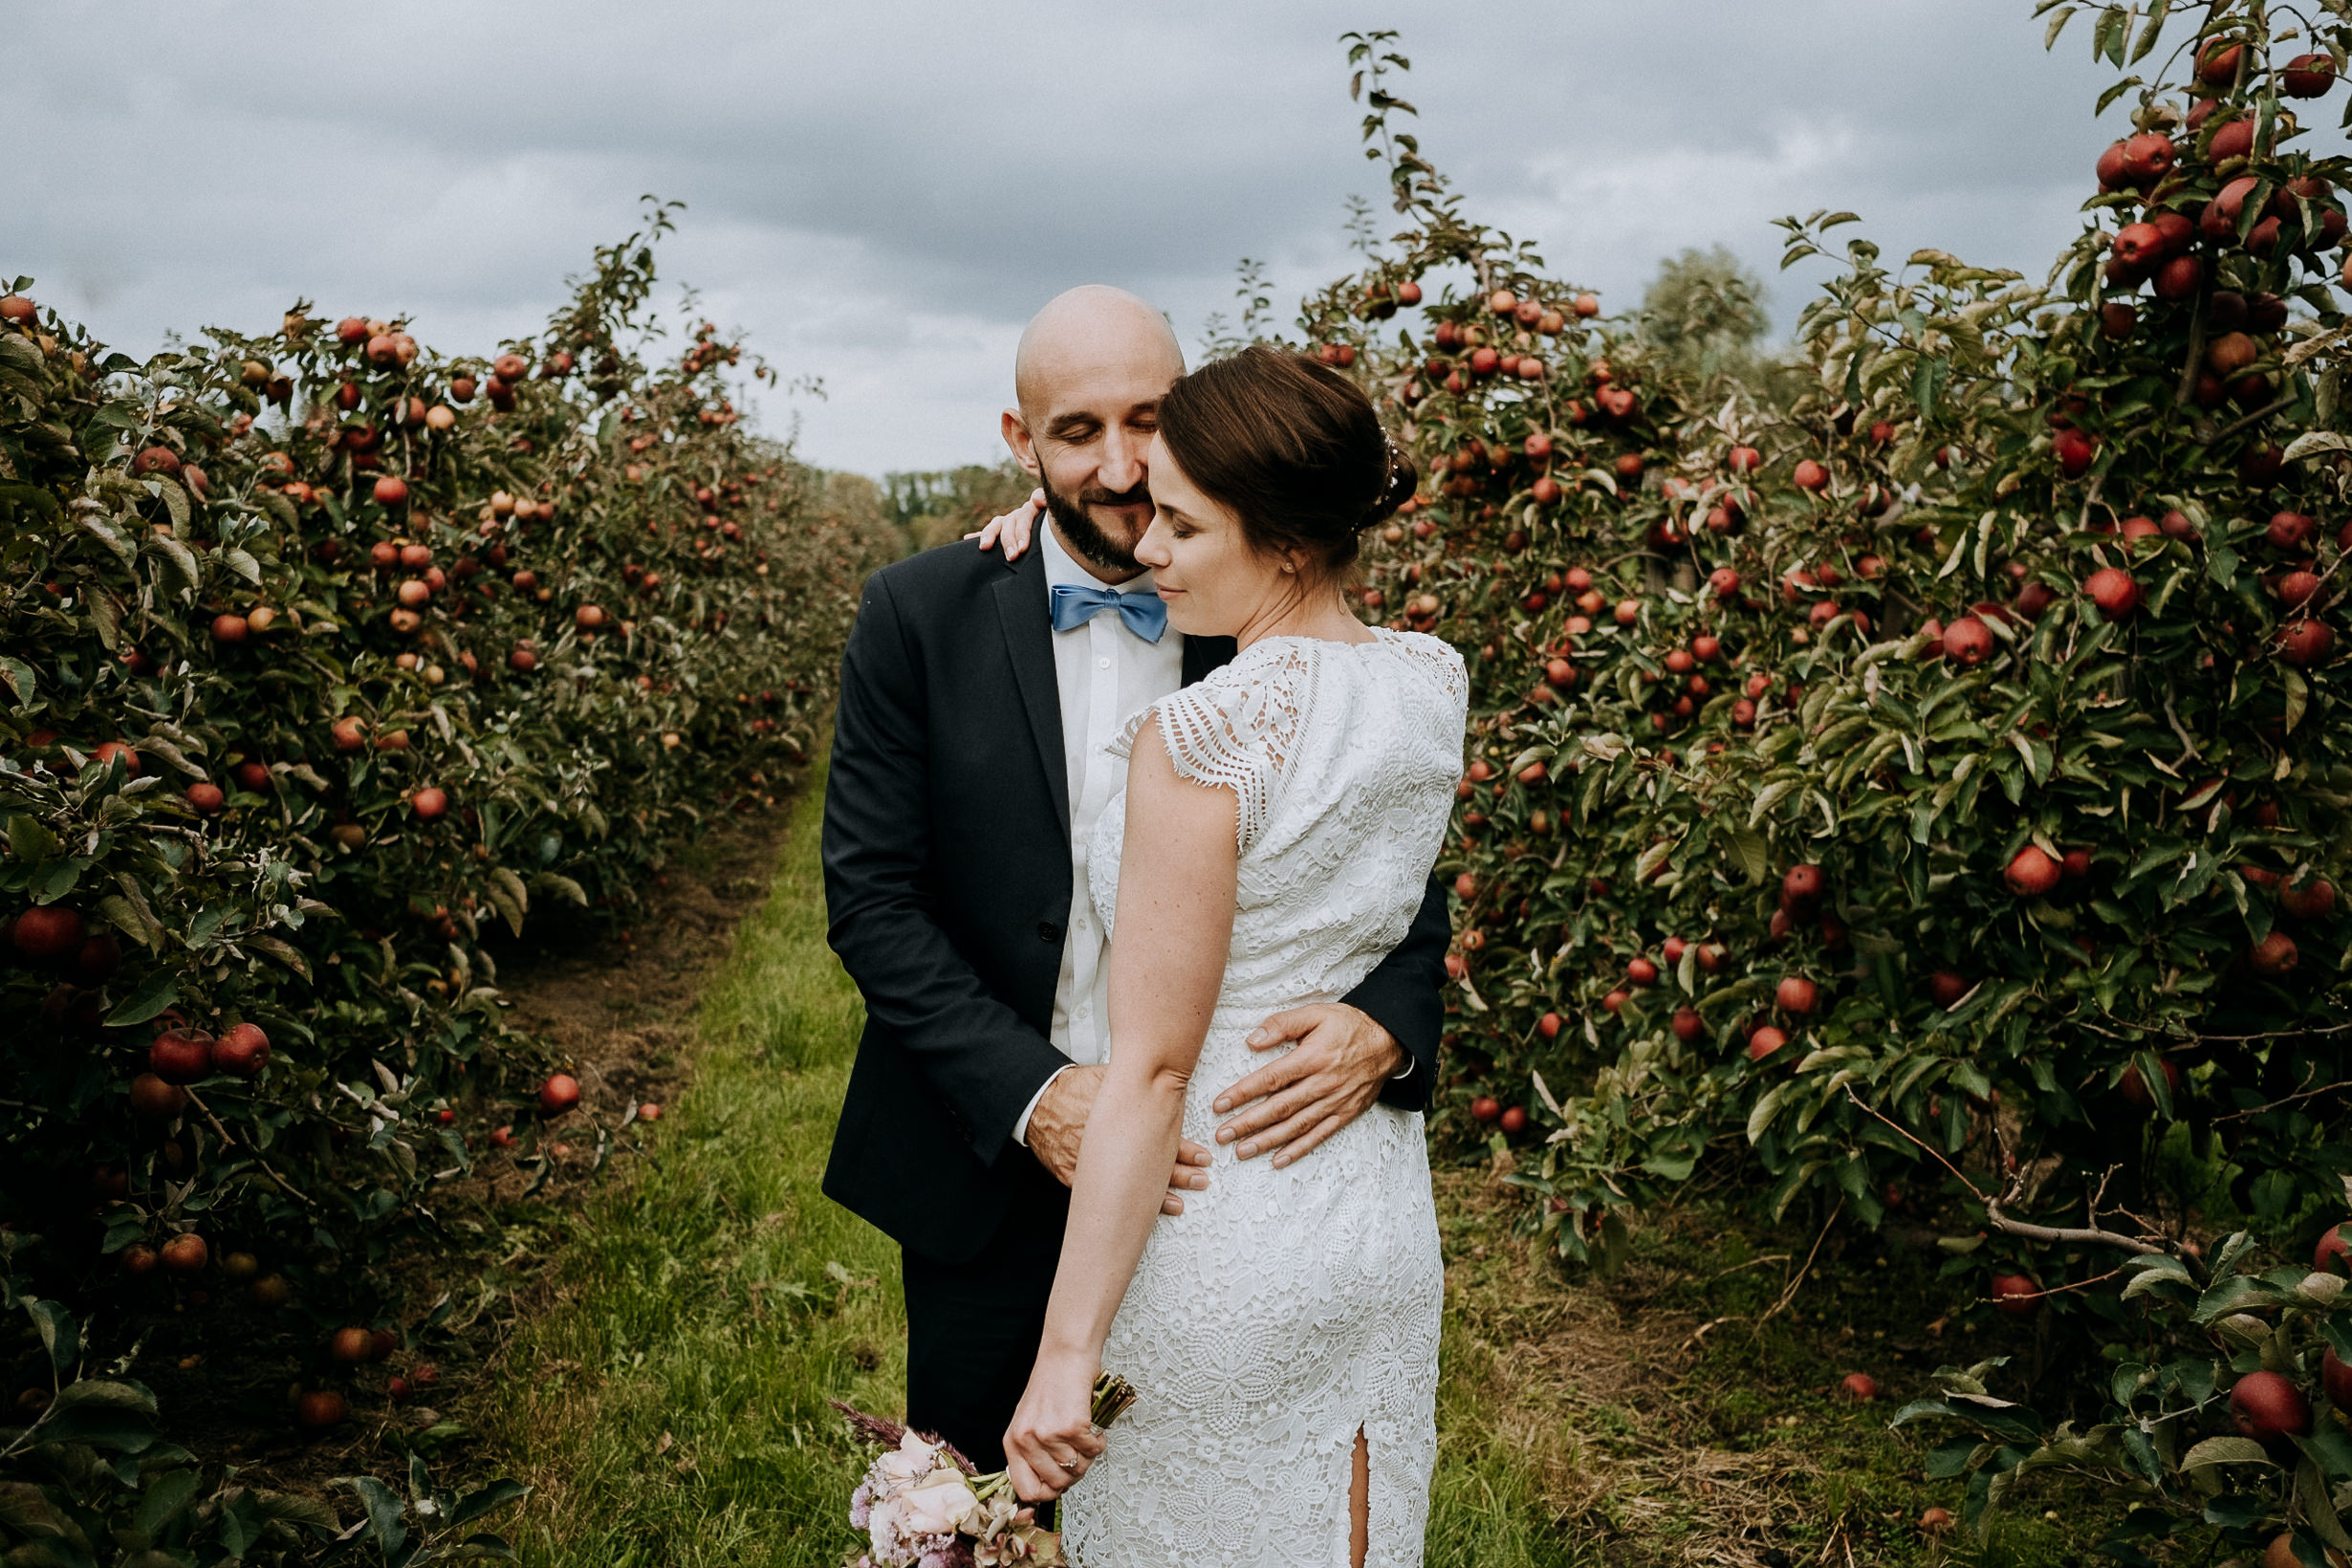 Hochzeitsfotograf-hamburg-scheib-altes-land